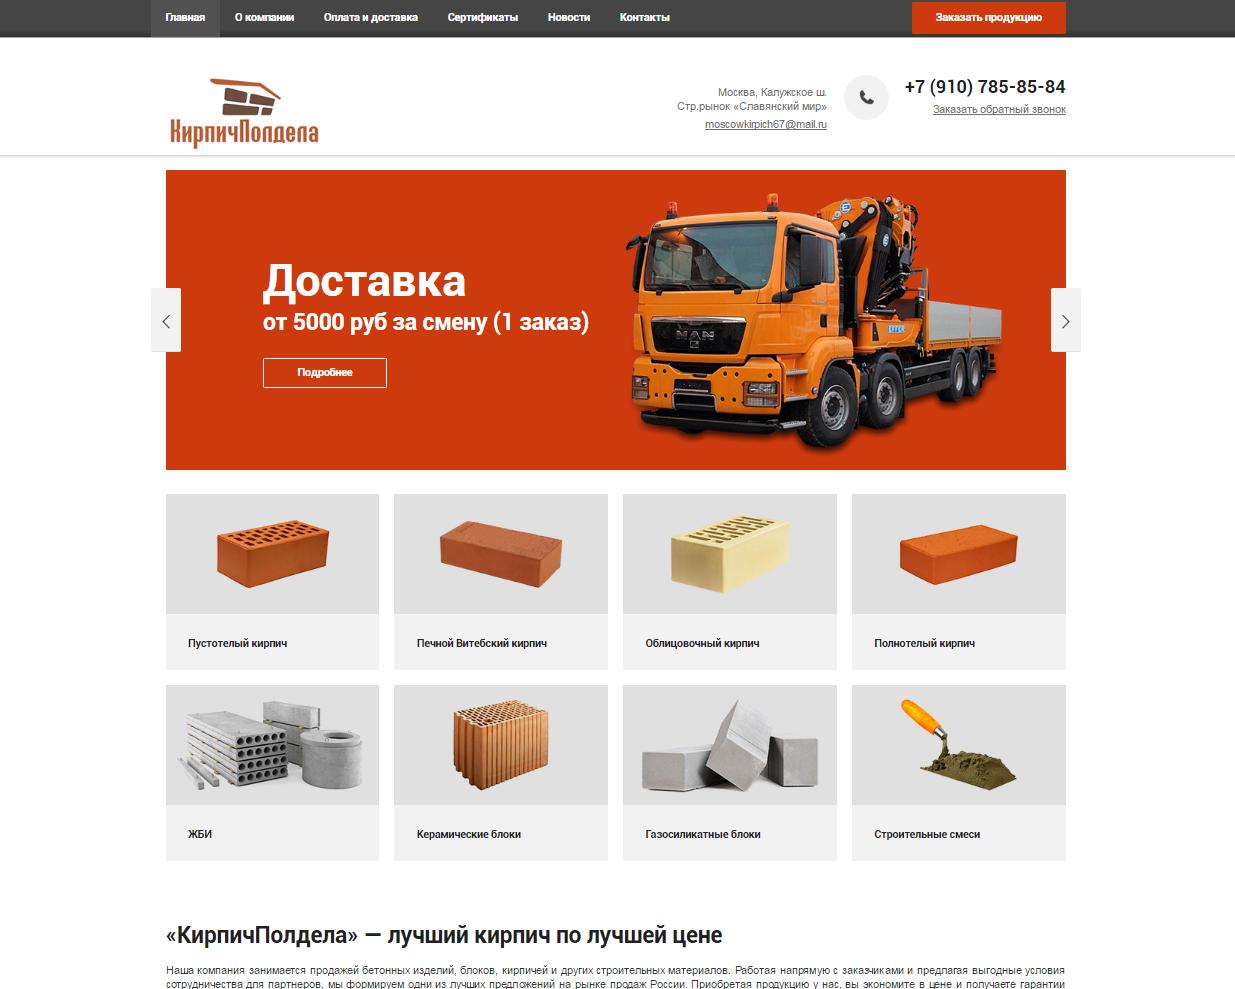 Разработка сайта-каталога для компании, занимающейся продажей строительных материалов, на основе готового решения